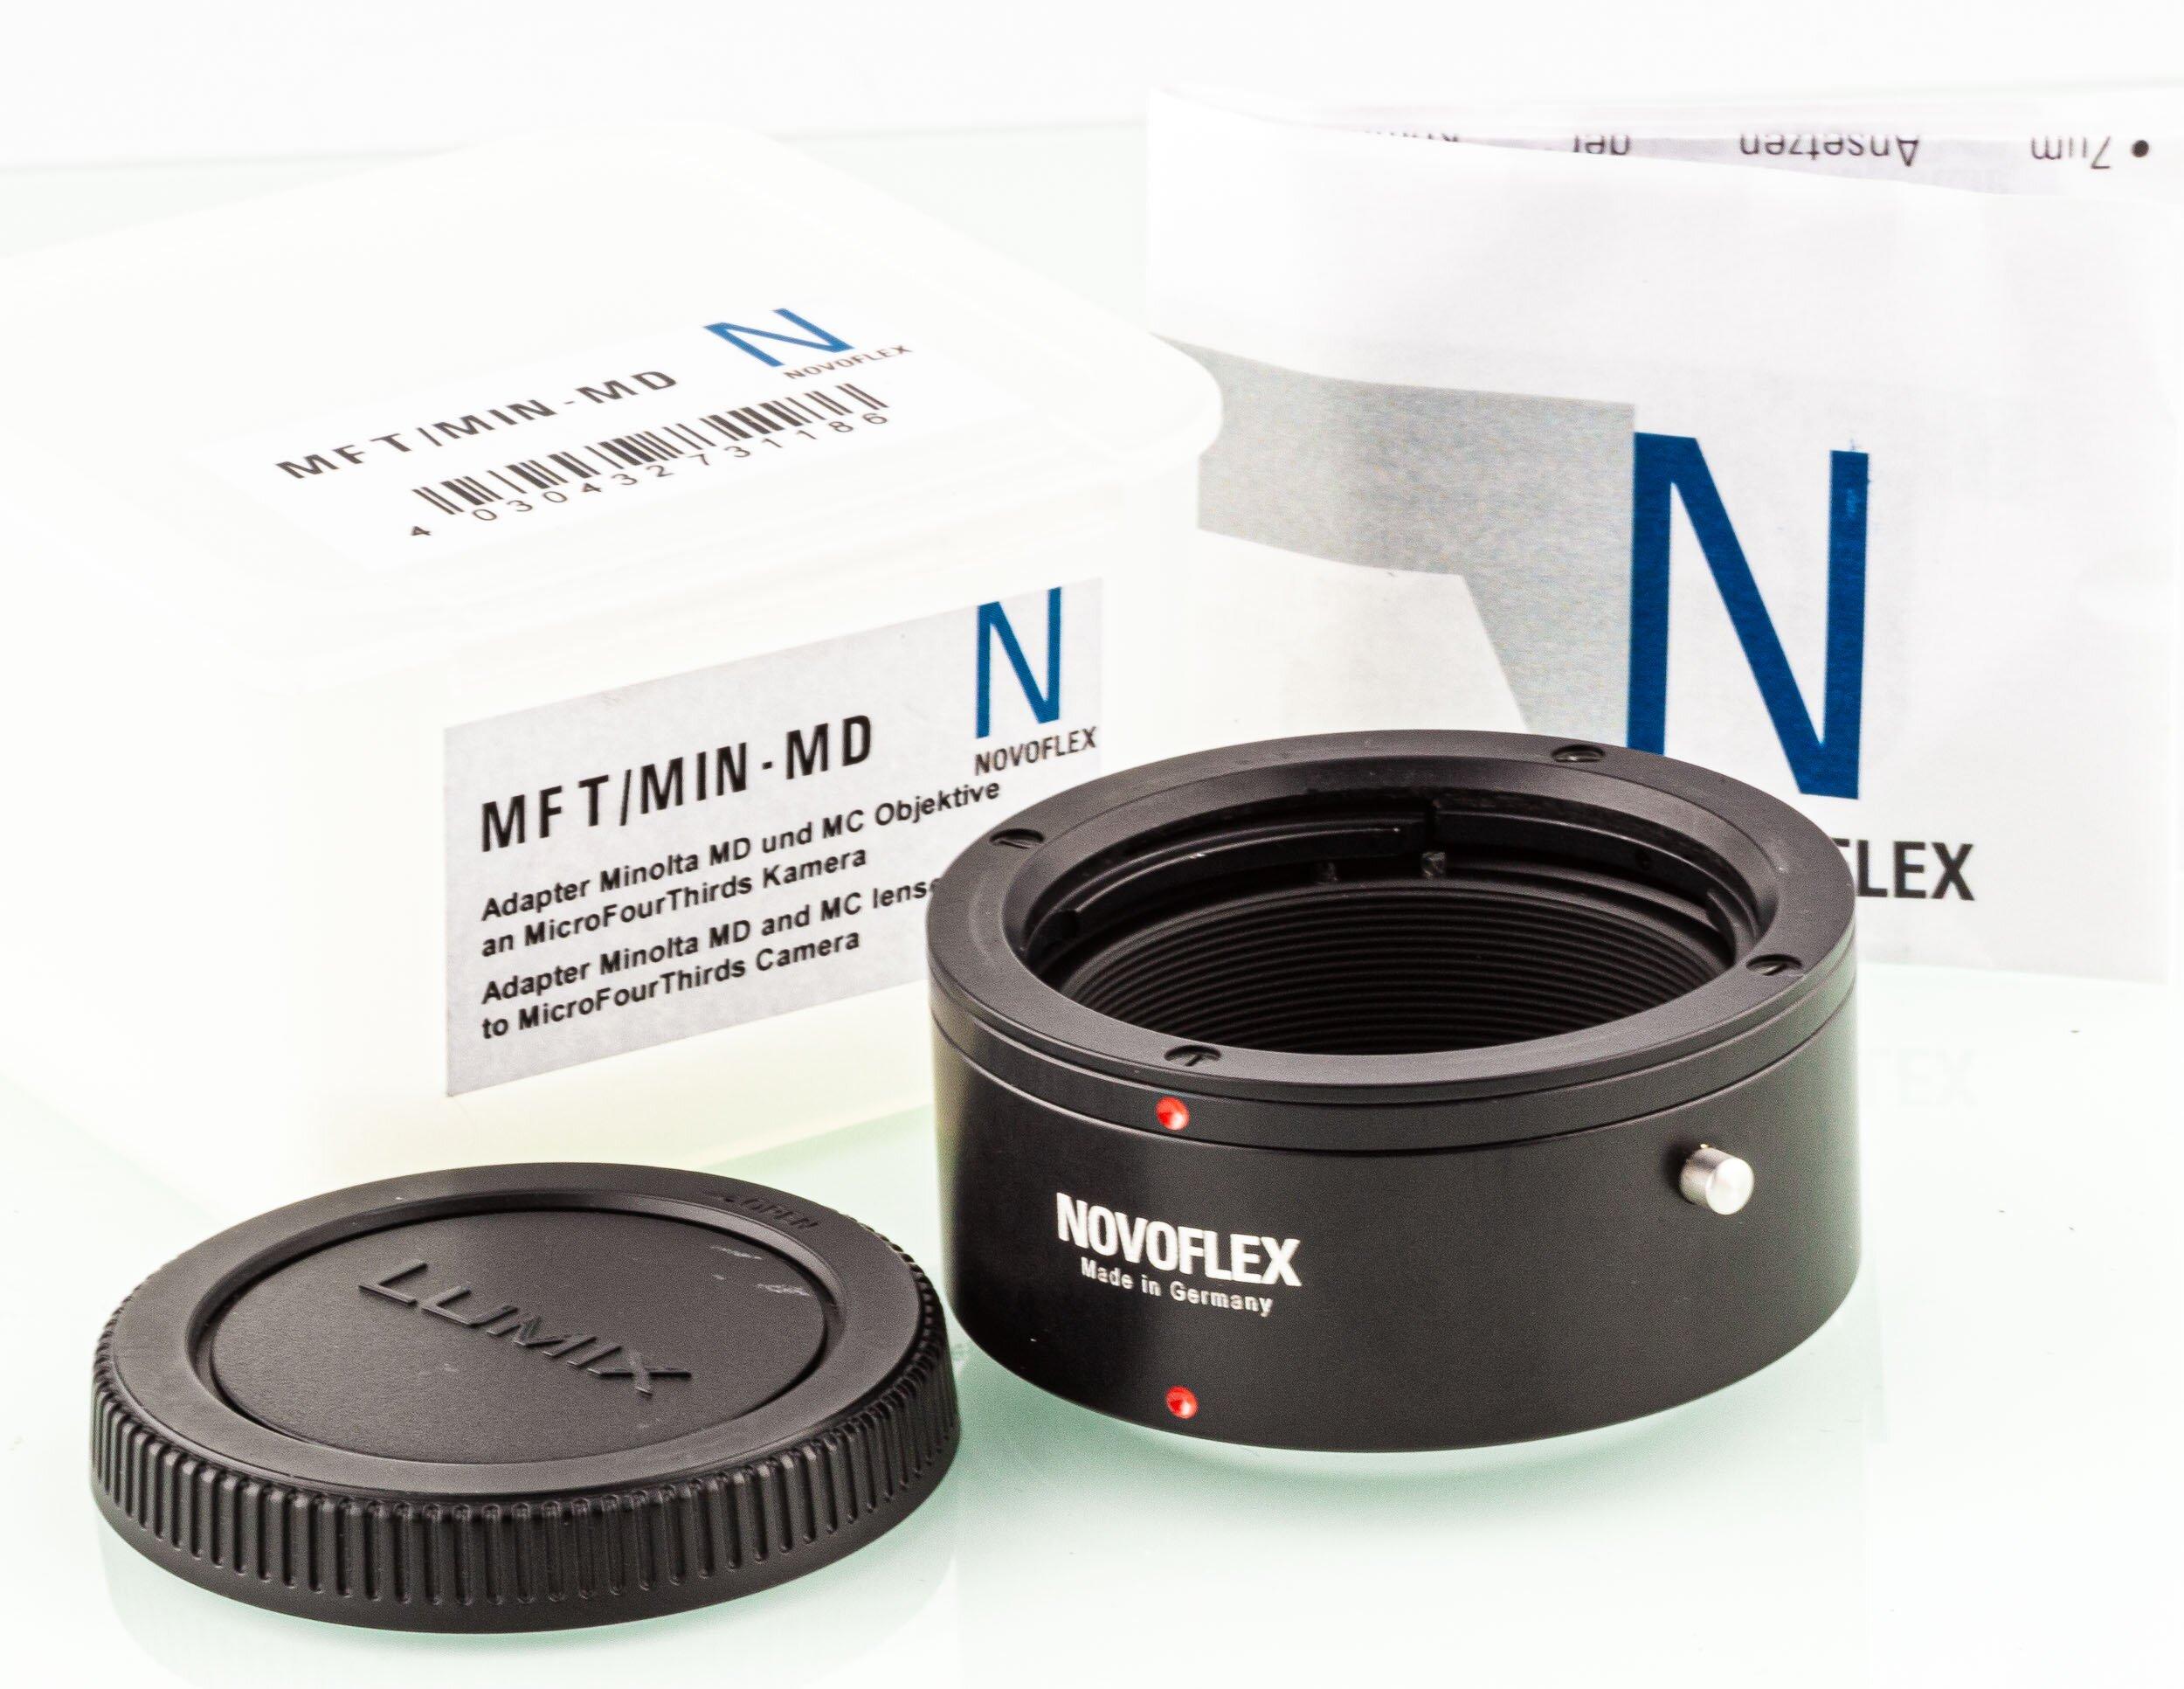 Novoflex MFT MD